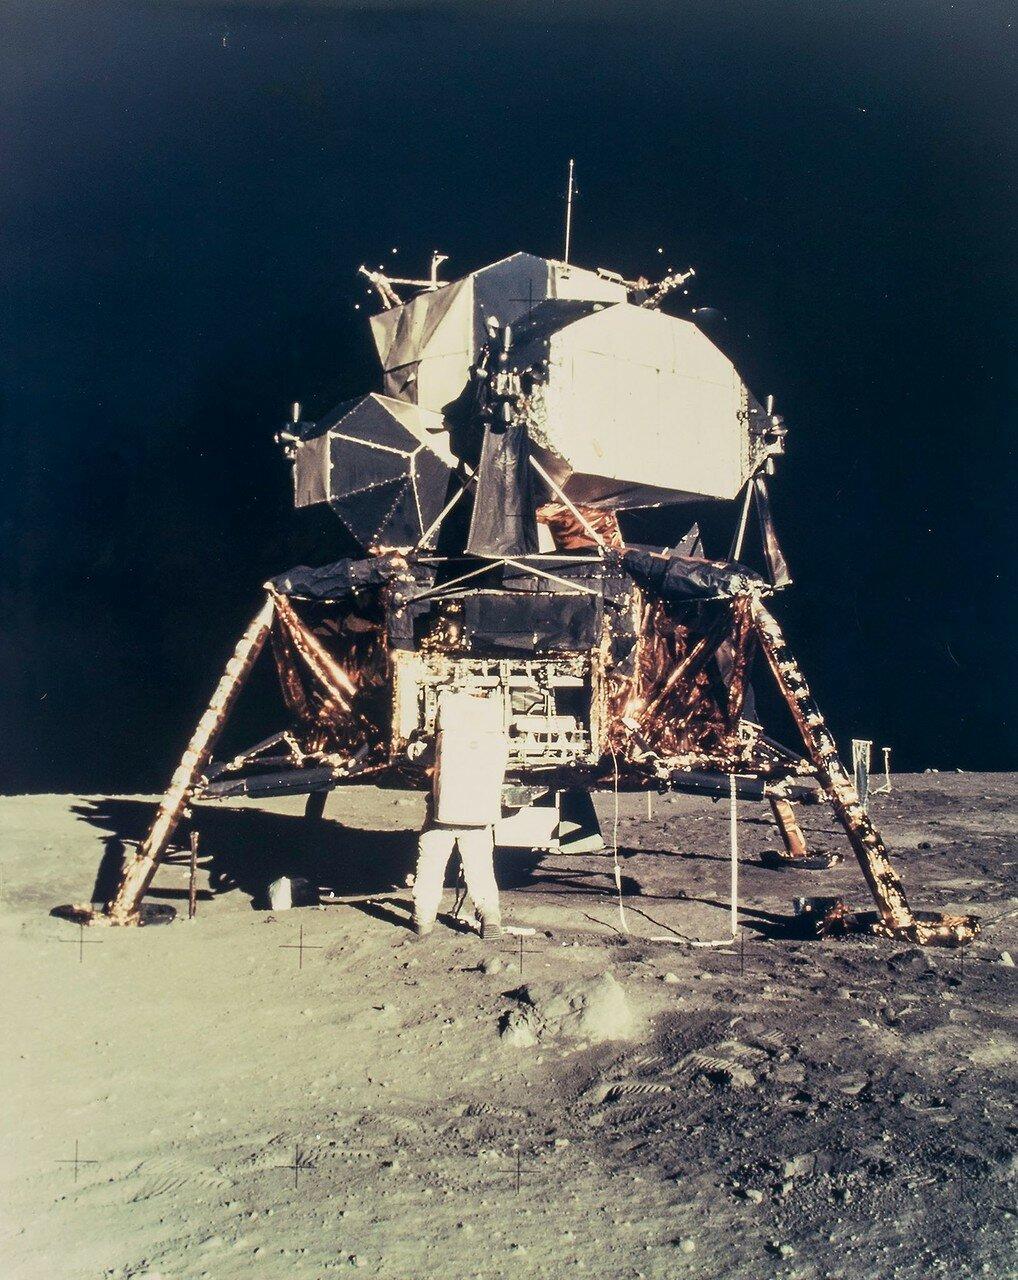 Армстронг поставил на грунт и правую ногу, после чего доложил о своих первых впечатлениях. По его словам, мелкие частицы грунта походили на порошок, который можно легко подбросить вверх мыском.  На снимке: Базз Олдрин возле лунного модуля «Орел»